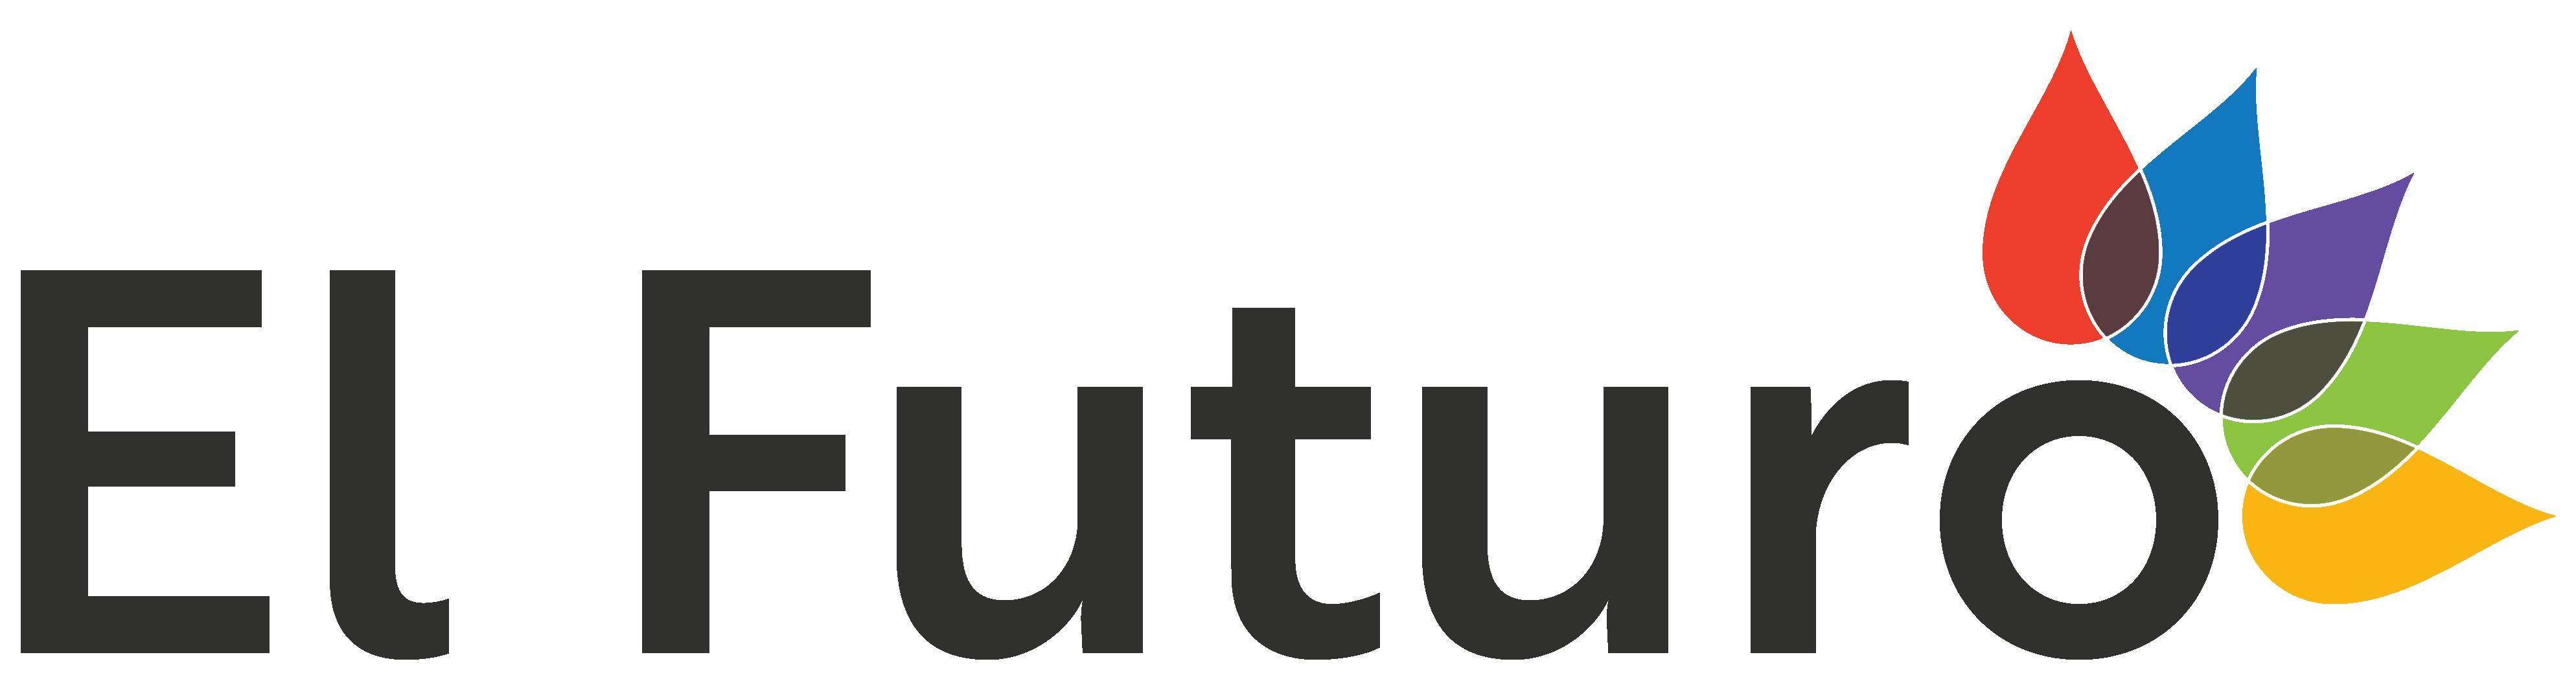 PNG El Futuro - _Full Logo - Color - Transparent